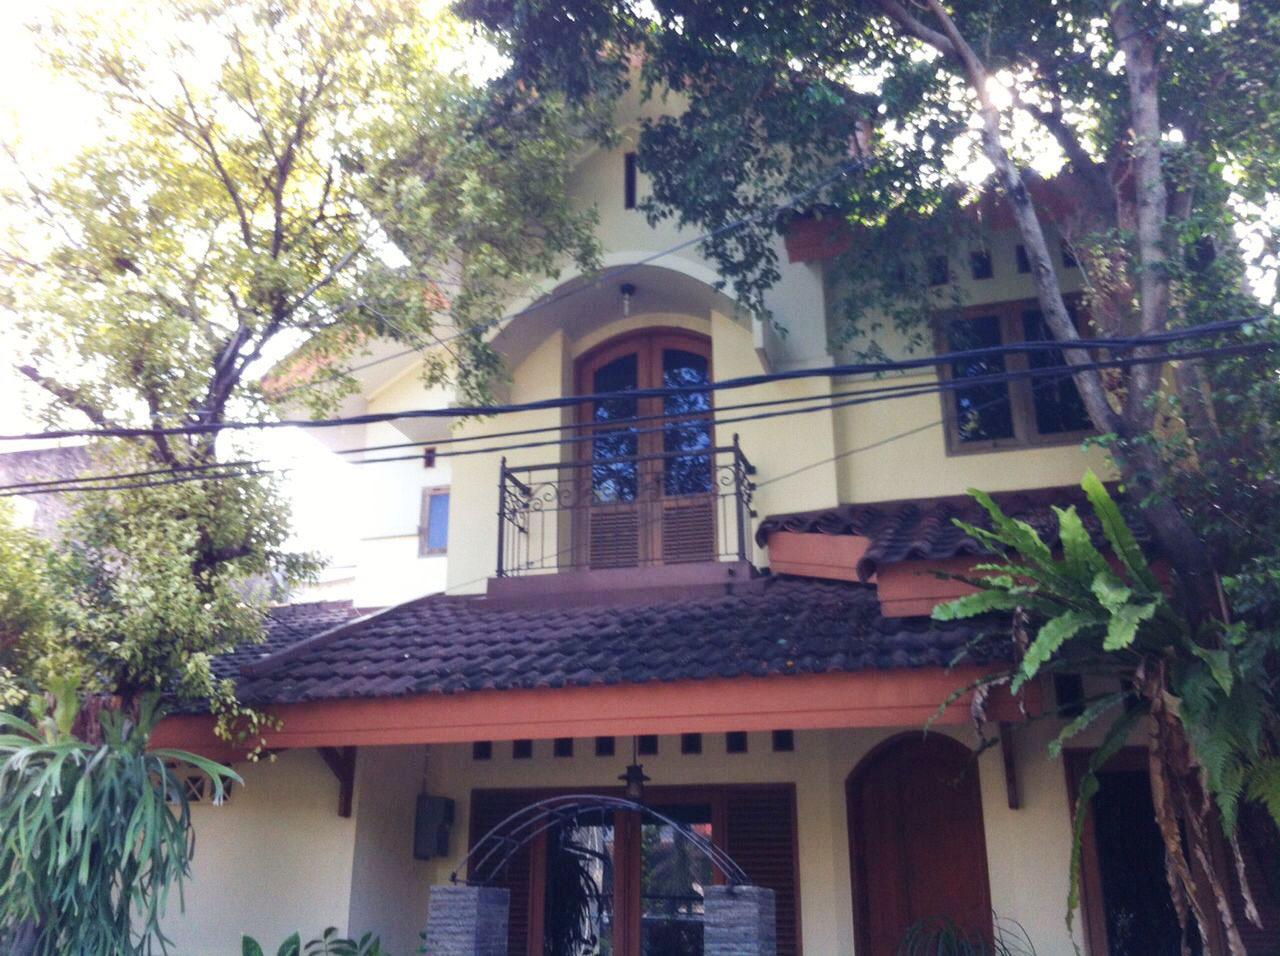 Rumah Nyaman, Asri, Lokasi Strategis di Puri Kartika Ciledug